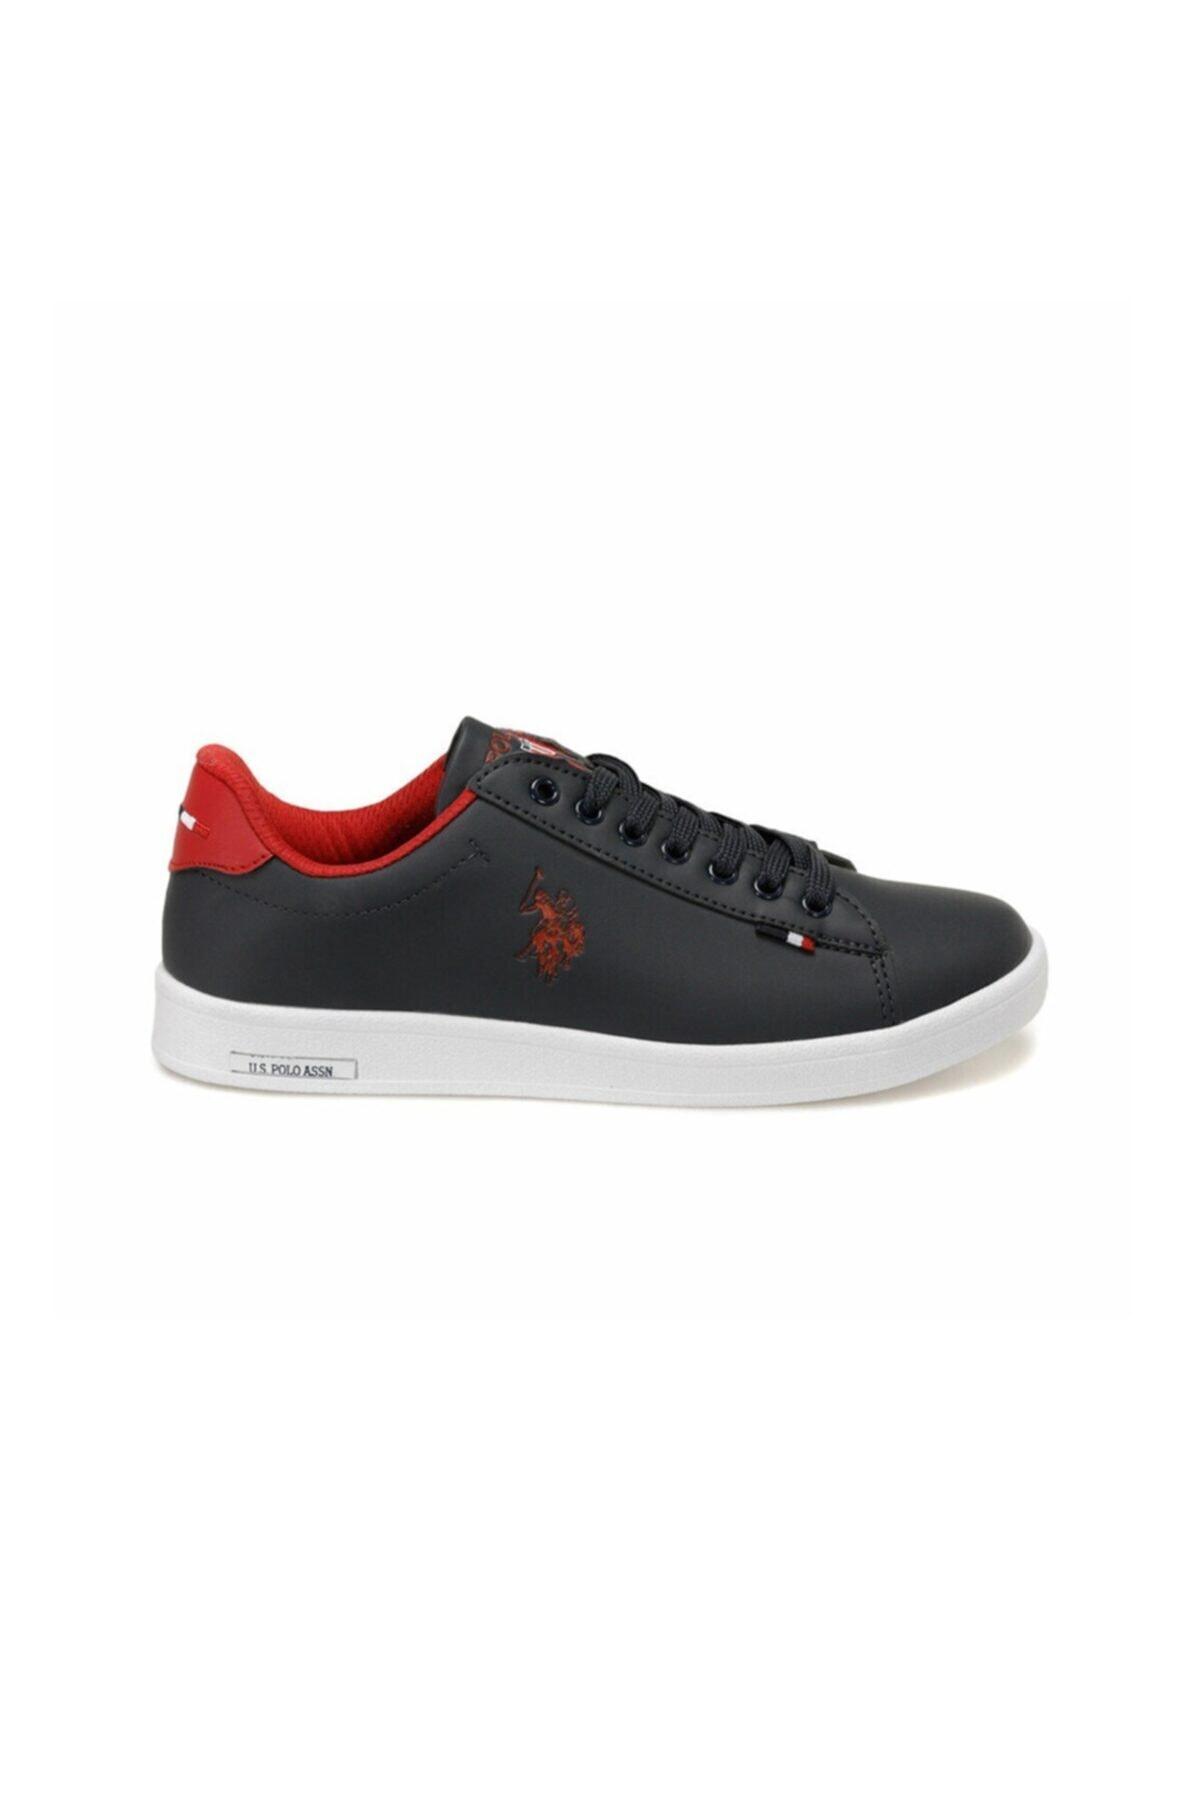 U.S. Polo Assn. FRANCO DHM Lacivert Kadın Sneaker Ayakkabı 100548975 1